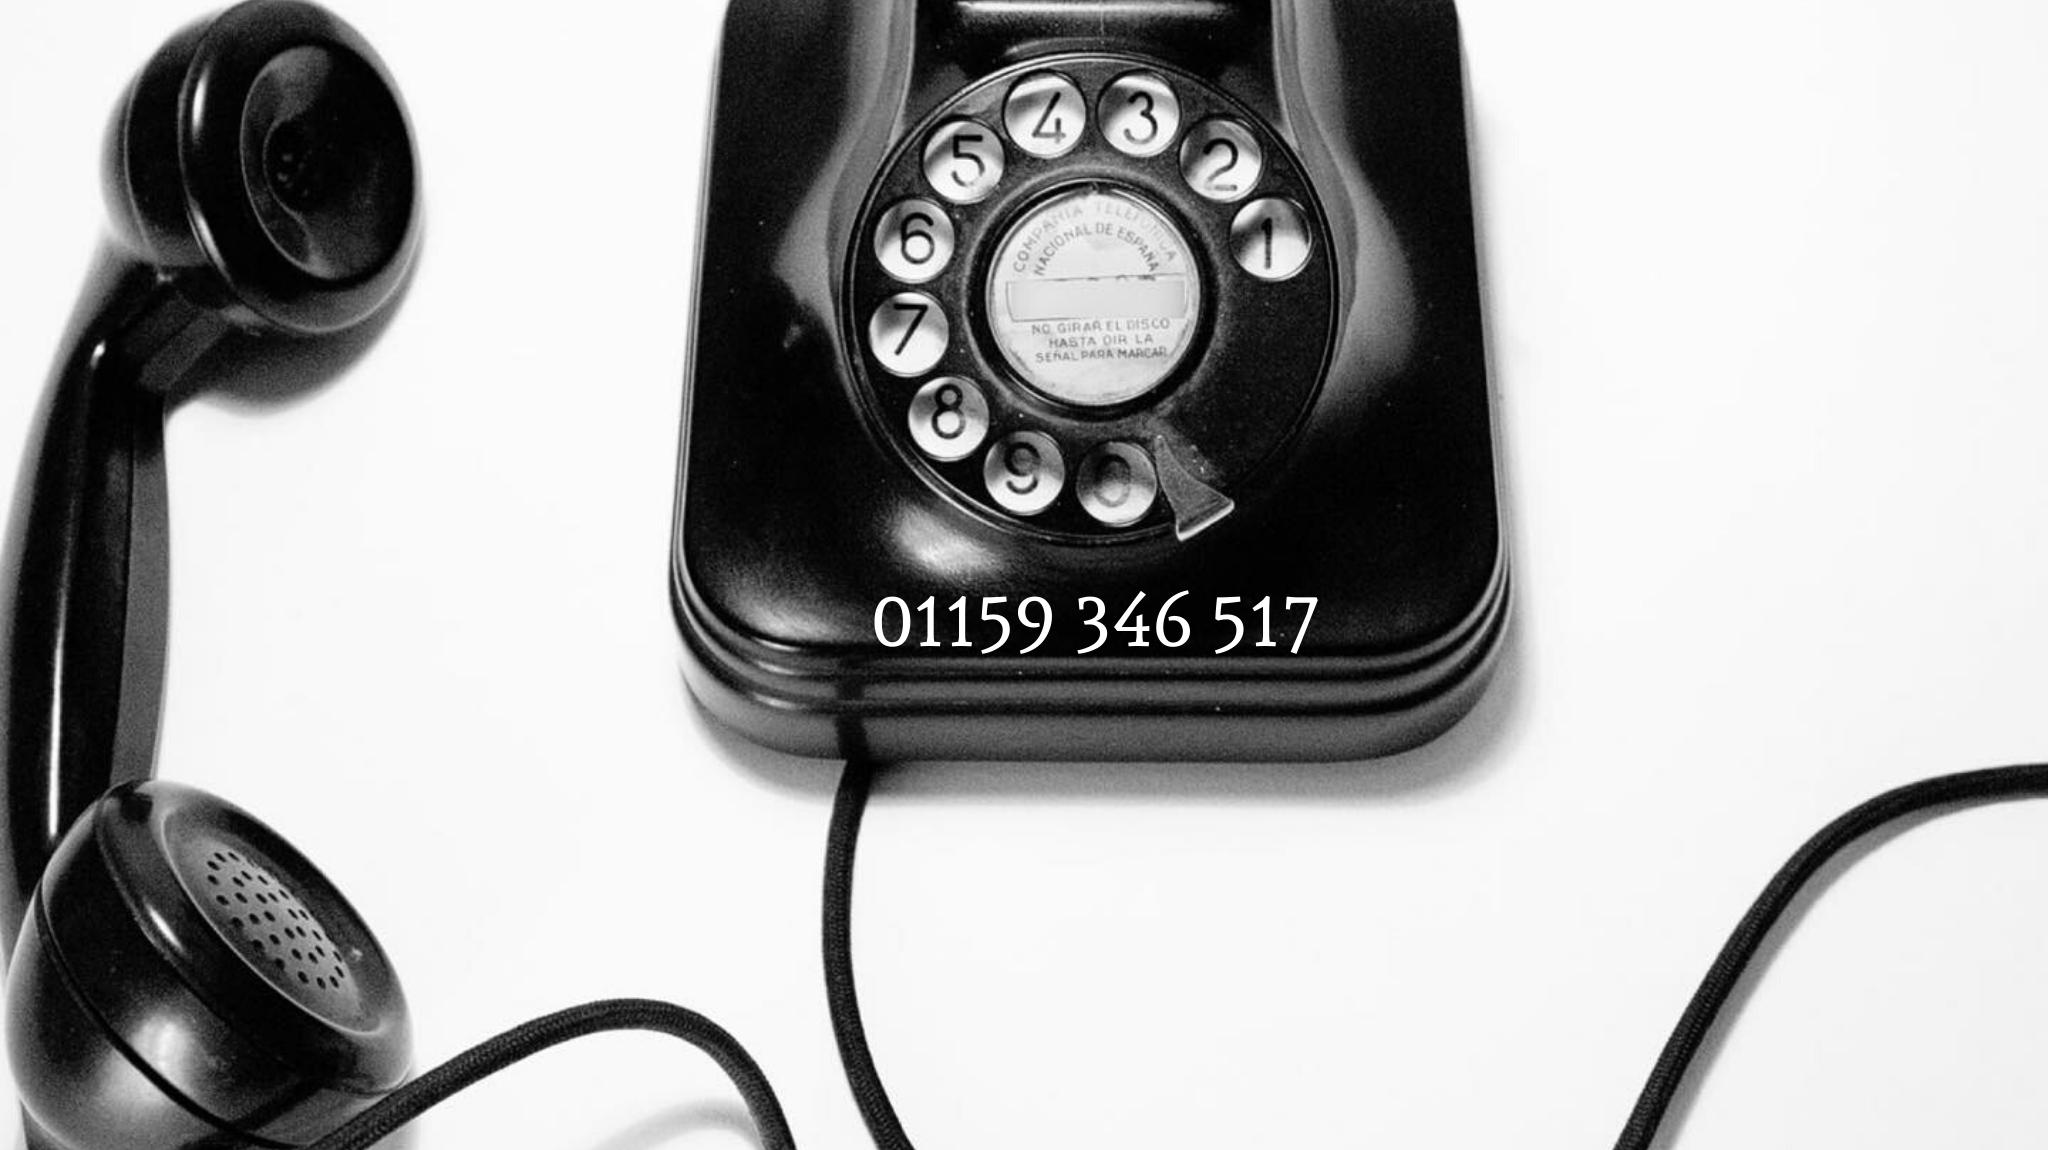 call us Call us 01159 346 517